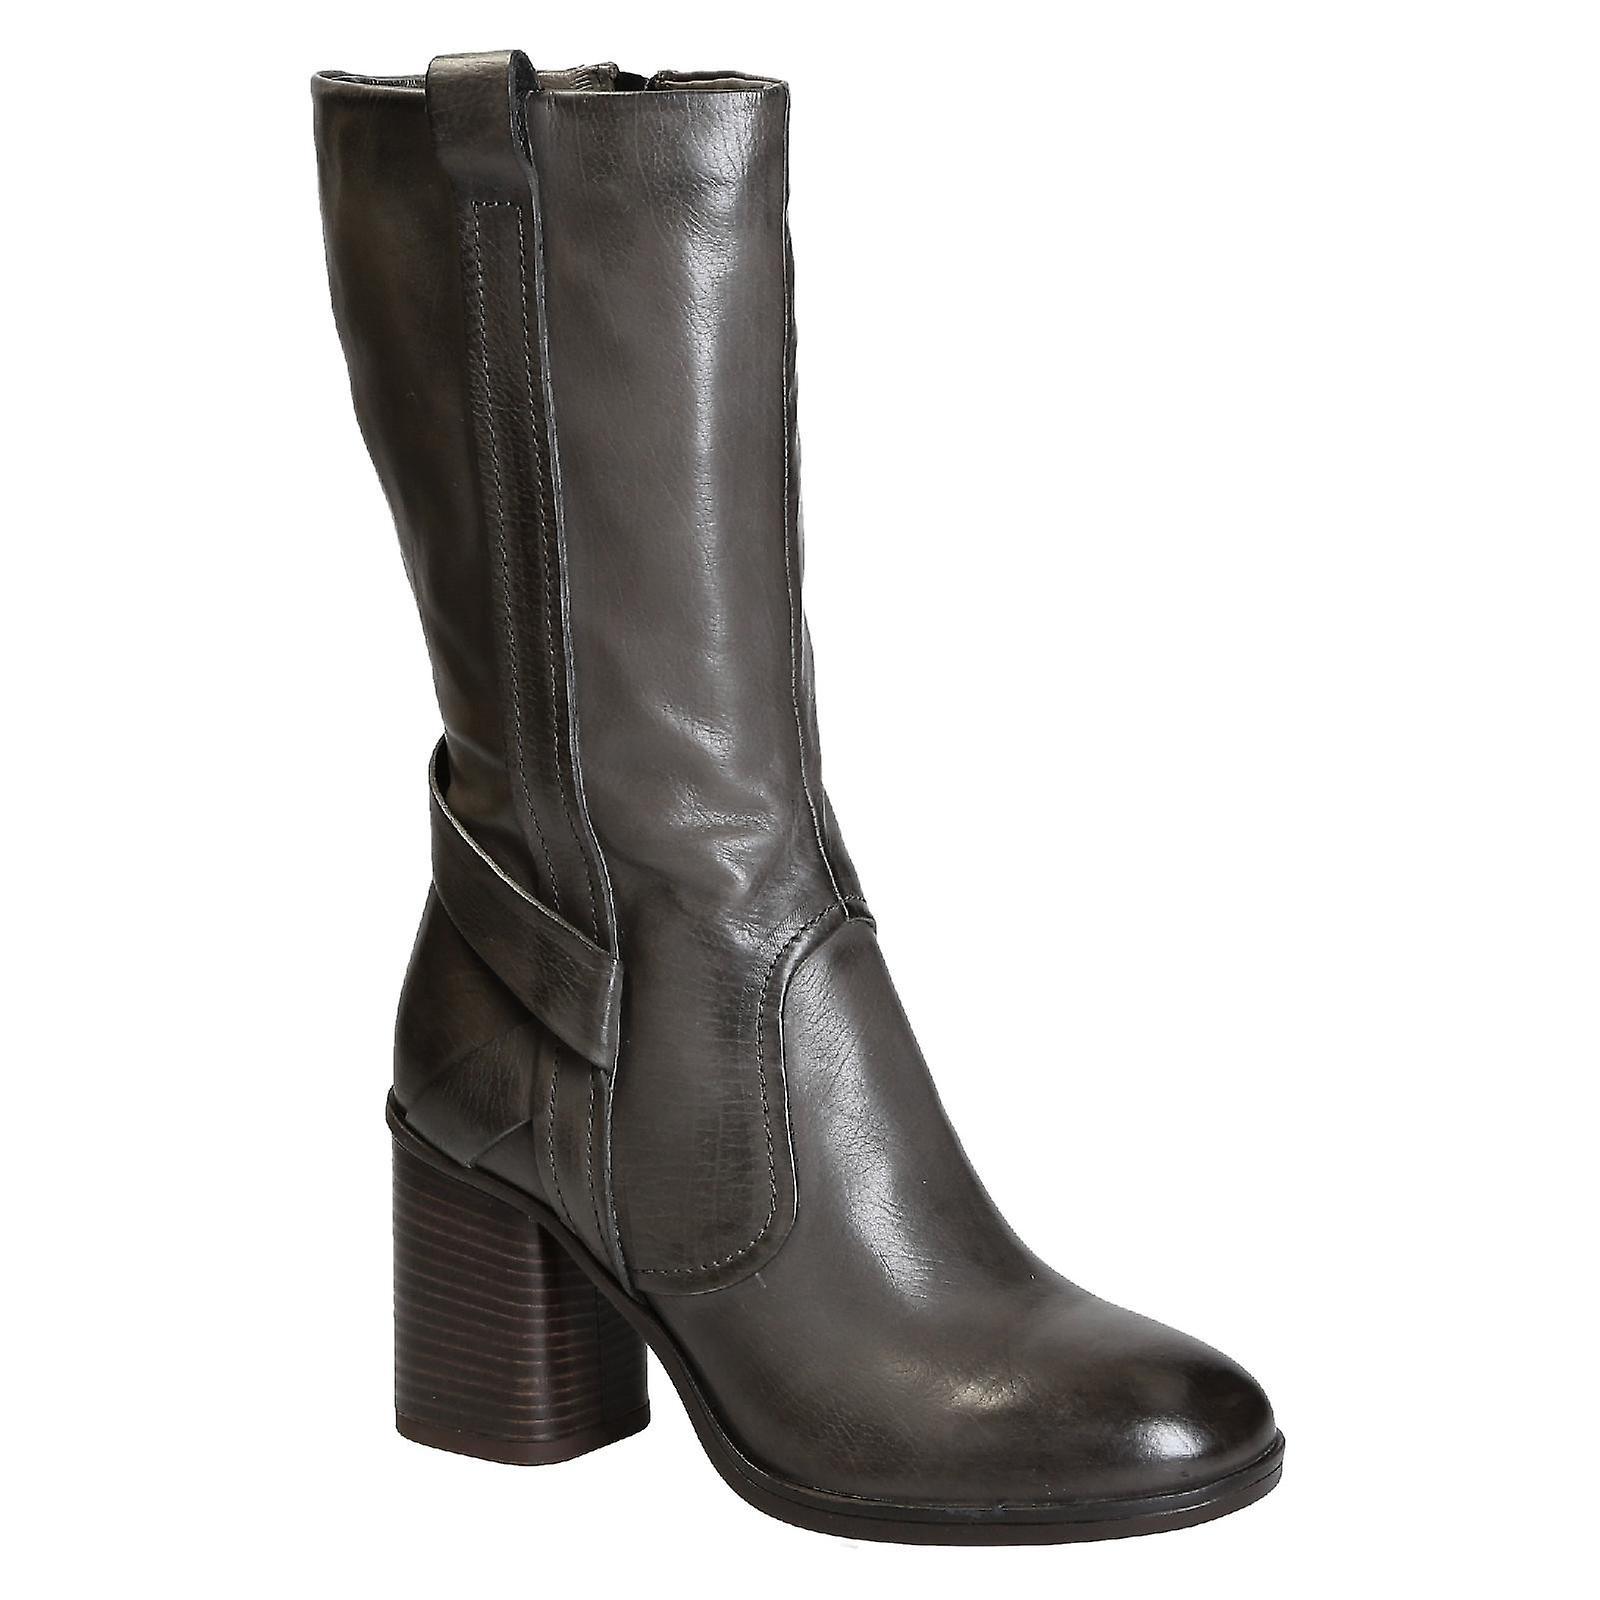 Block heels mid-calf boots in grey italian leather o9XjL